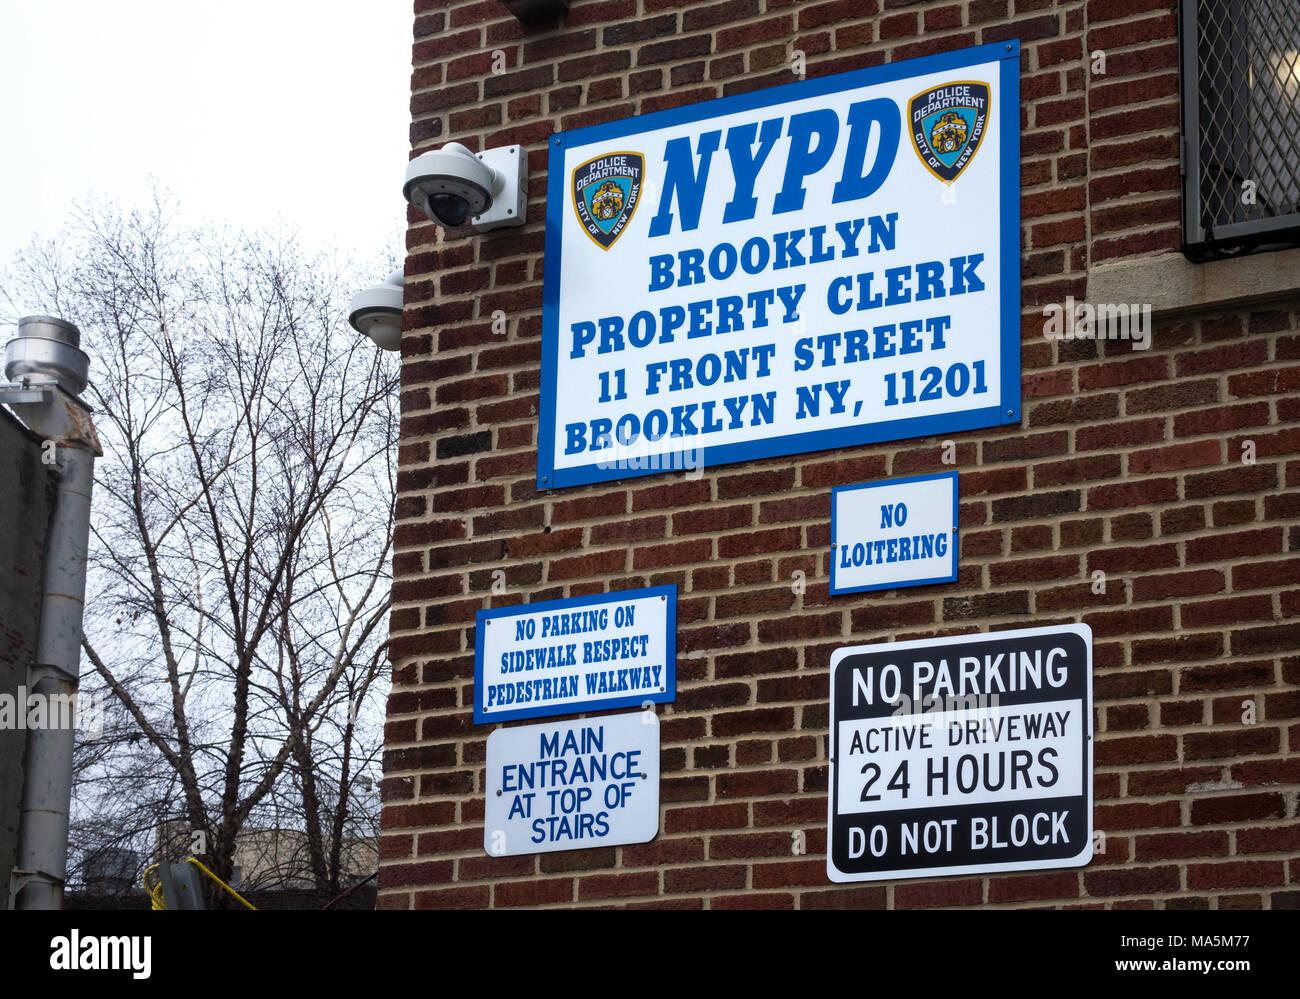 Brooklyn NYPD siège commis aux biens immobiliers, avec des signes d'avertissement sur un mur extérieur Photo Stock